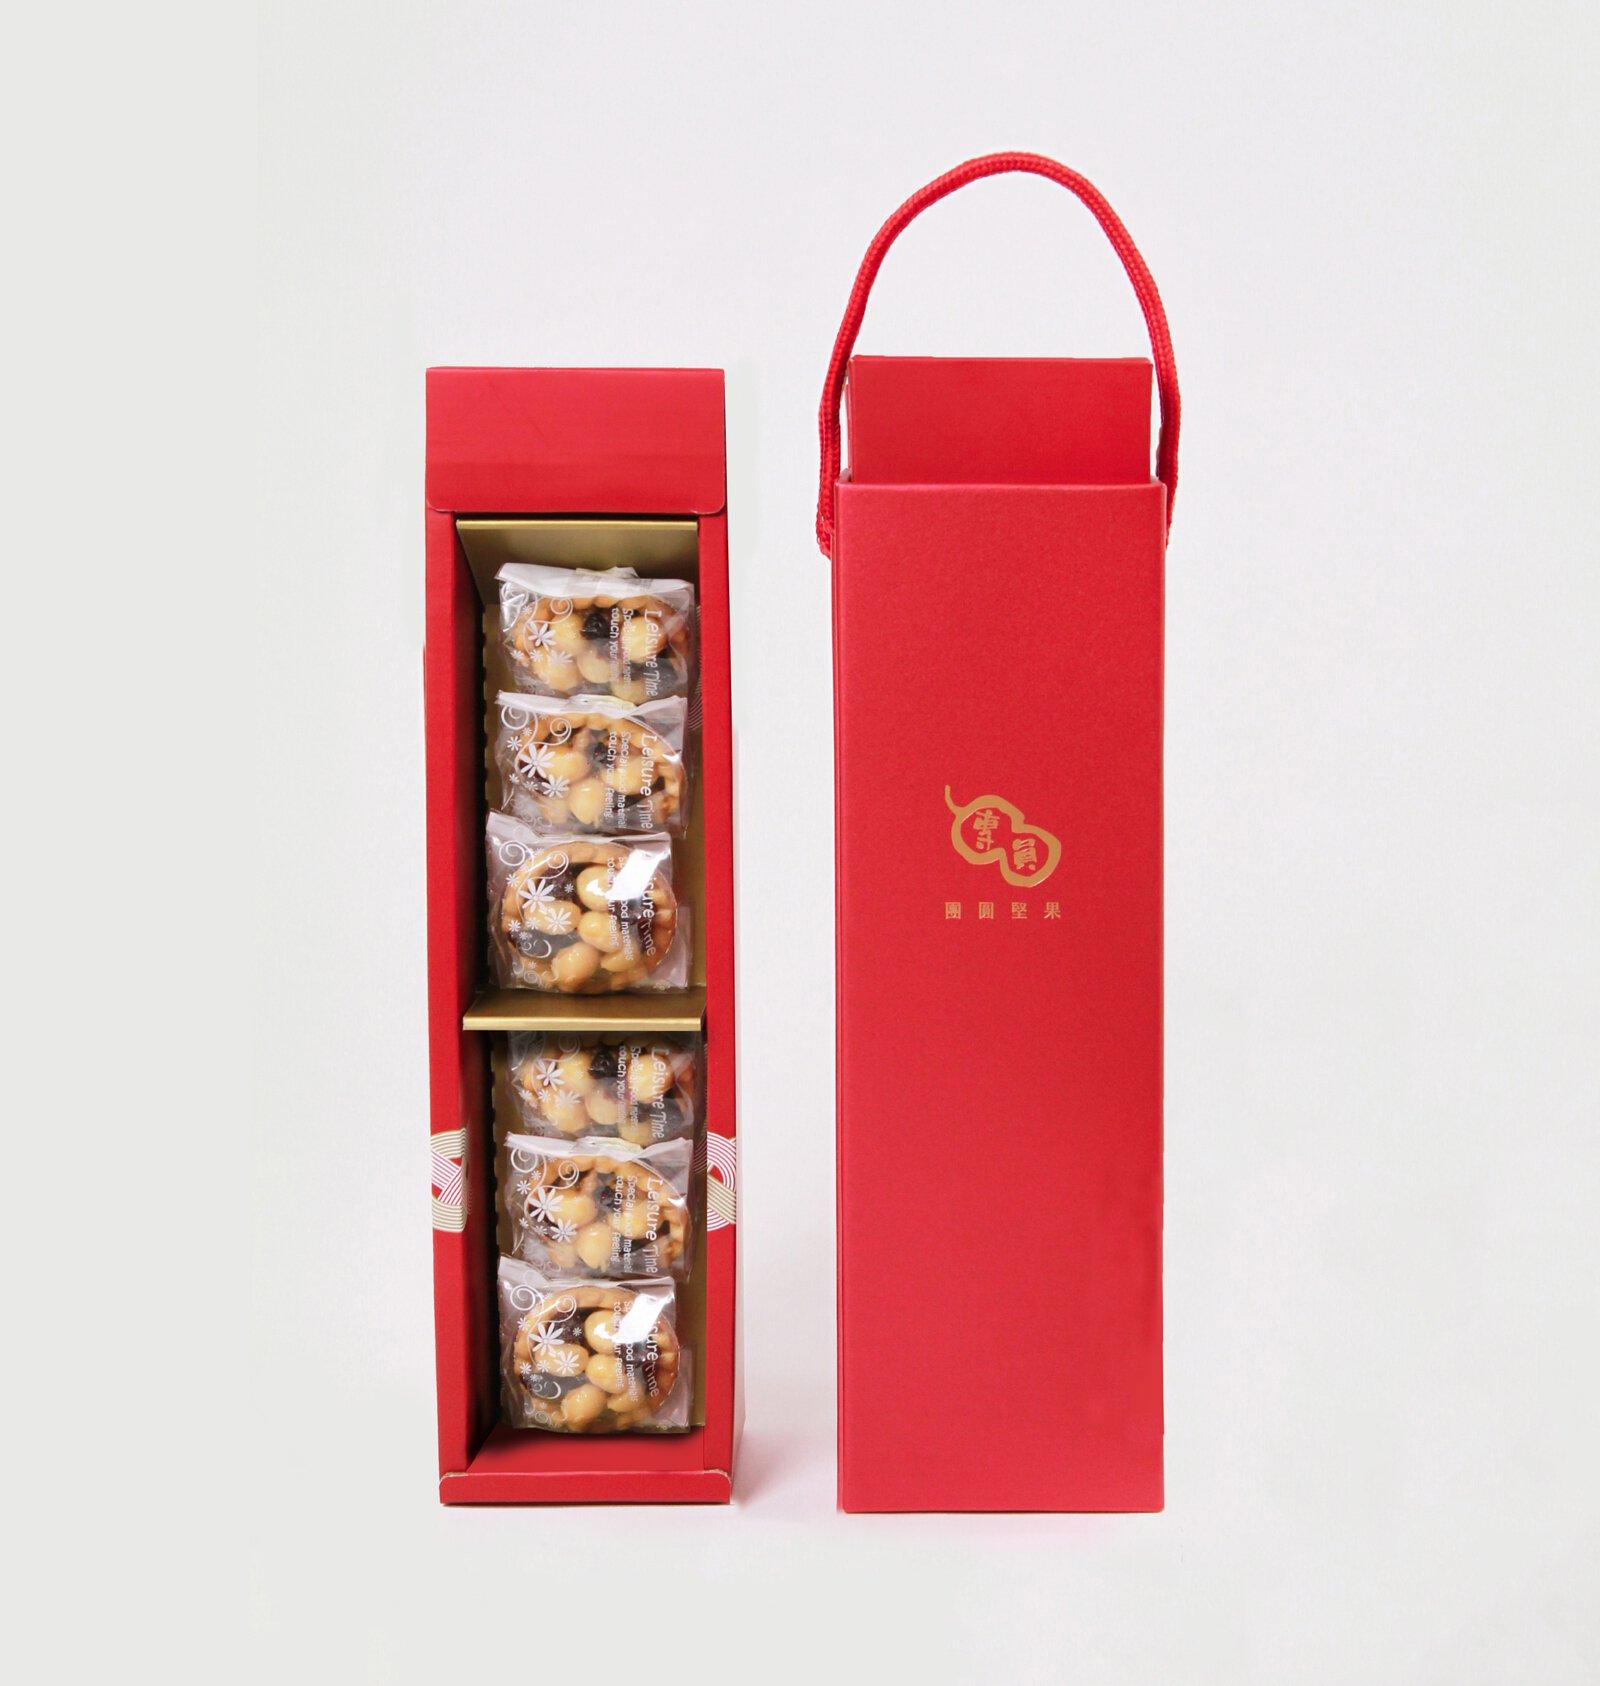 堅果塔禮盒